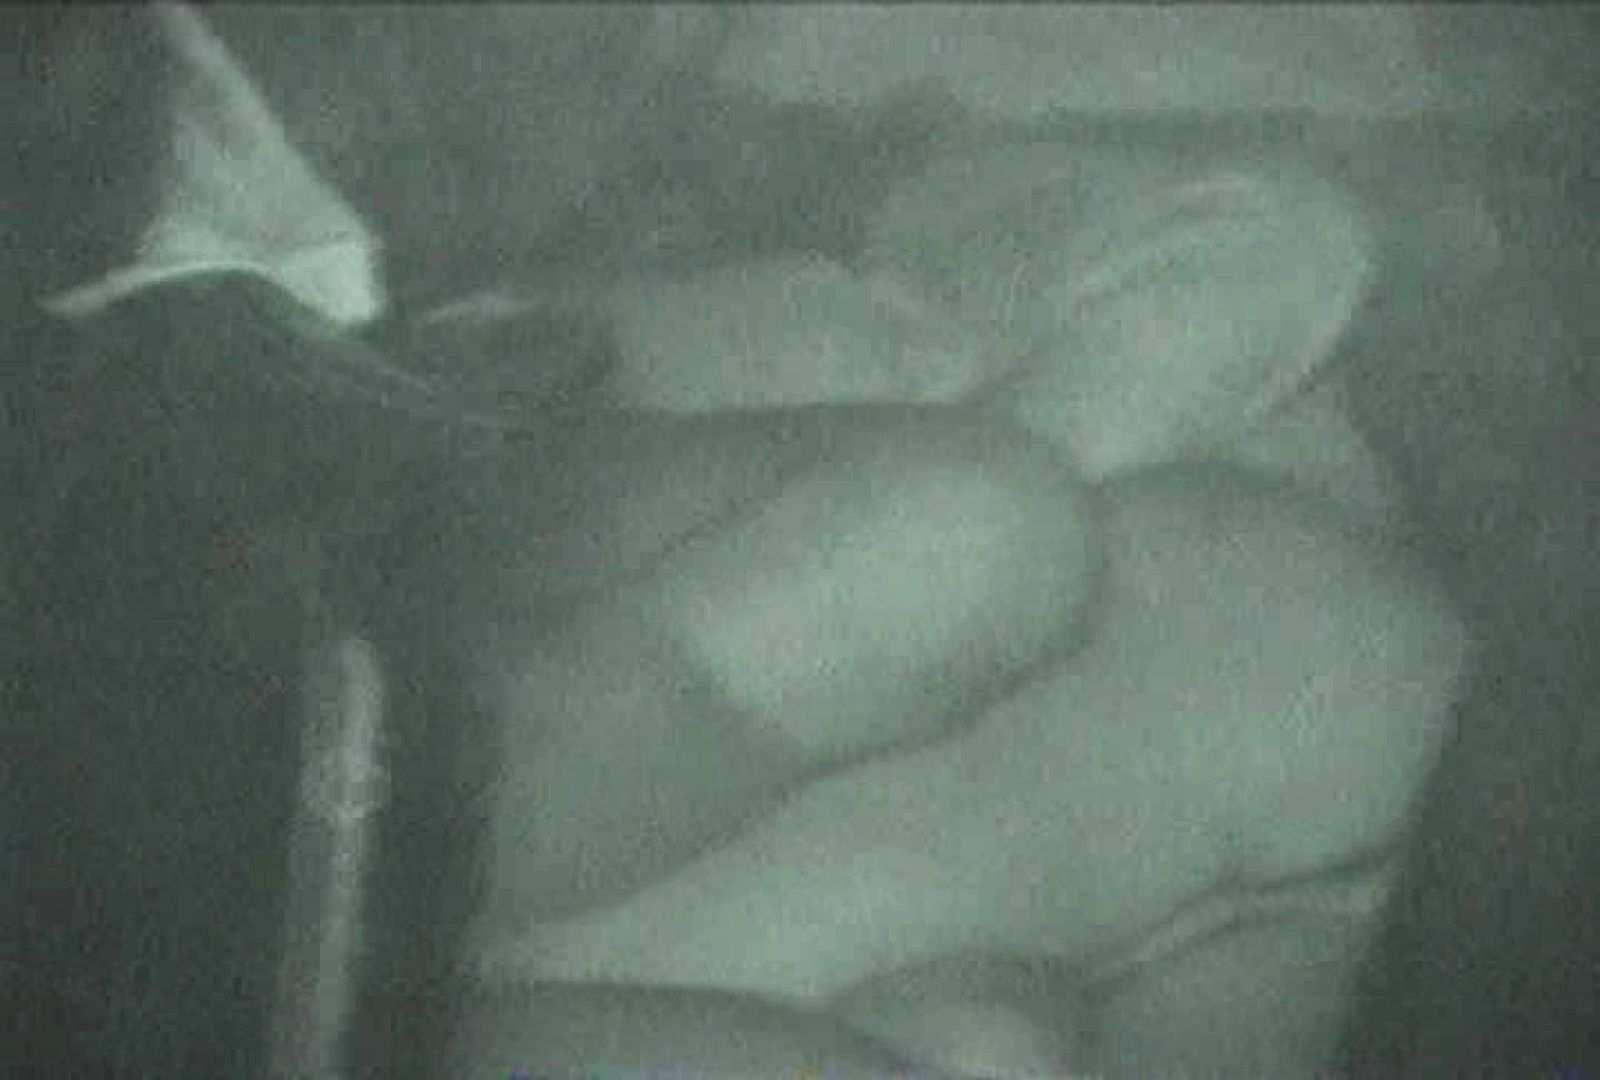 充血監督の深夜の運動会Vol.97 エッチなセックス   エロティックなOL  104画像 53